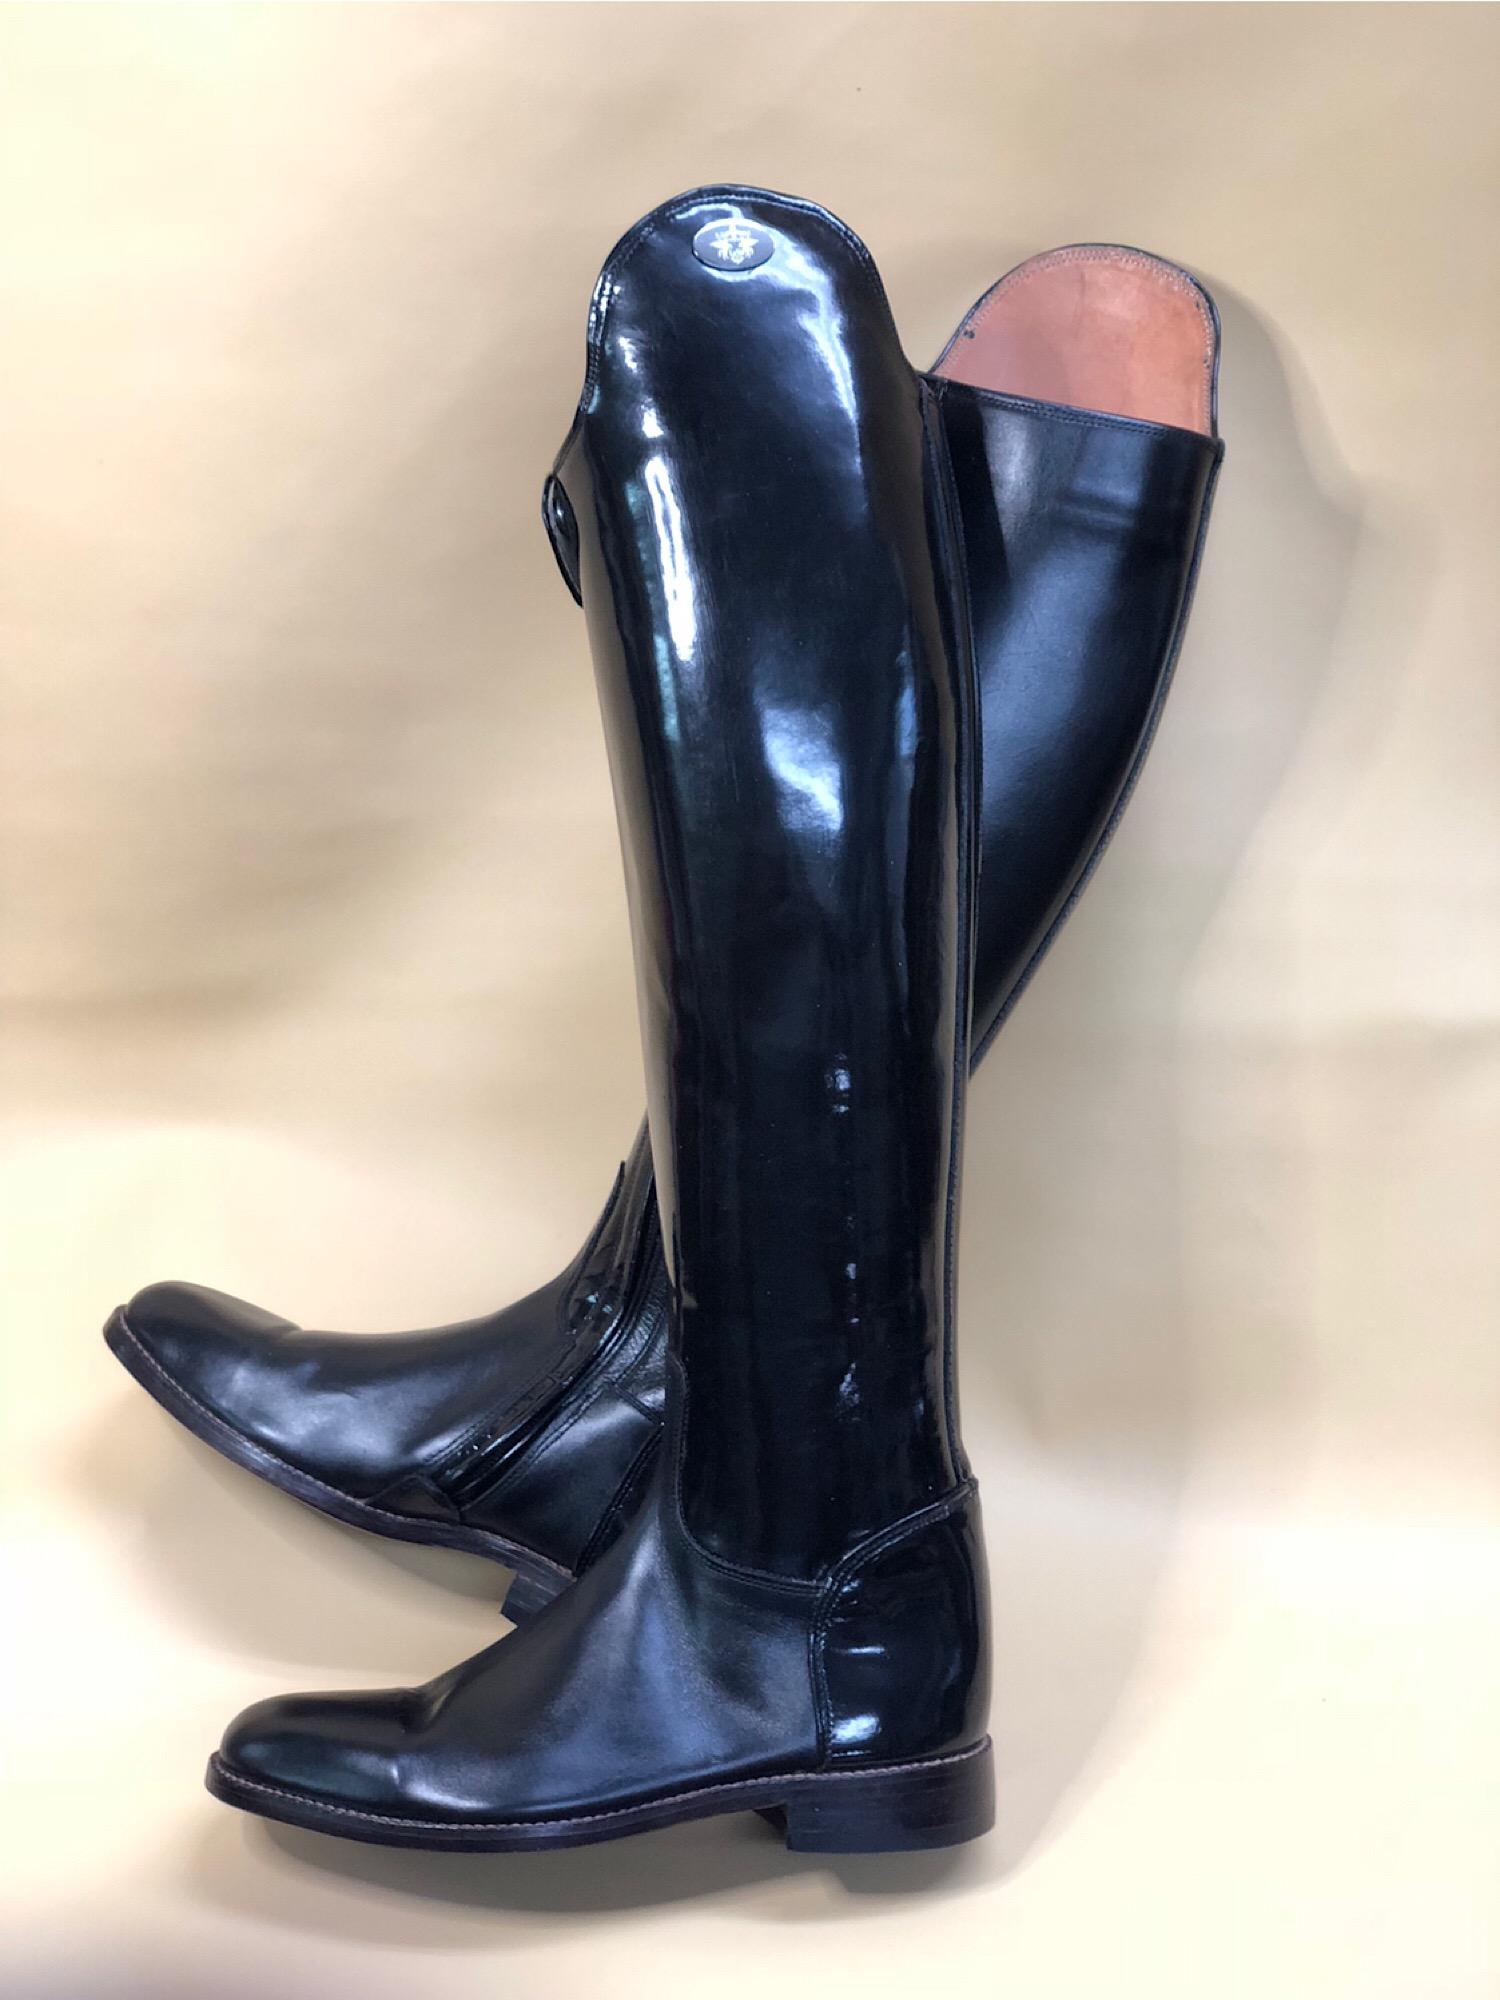 Le Vol・ル ヴォル フルオーダーブーツ(革製長靴)